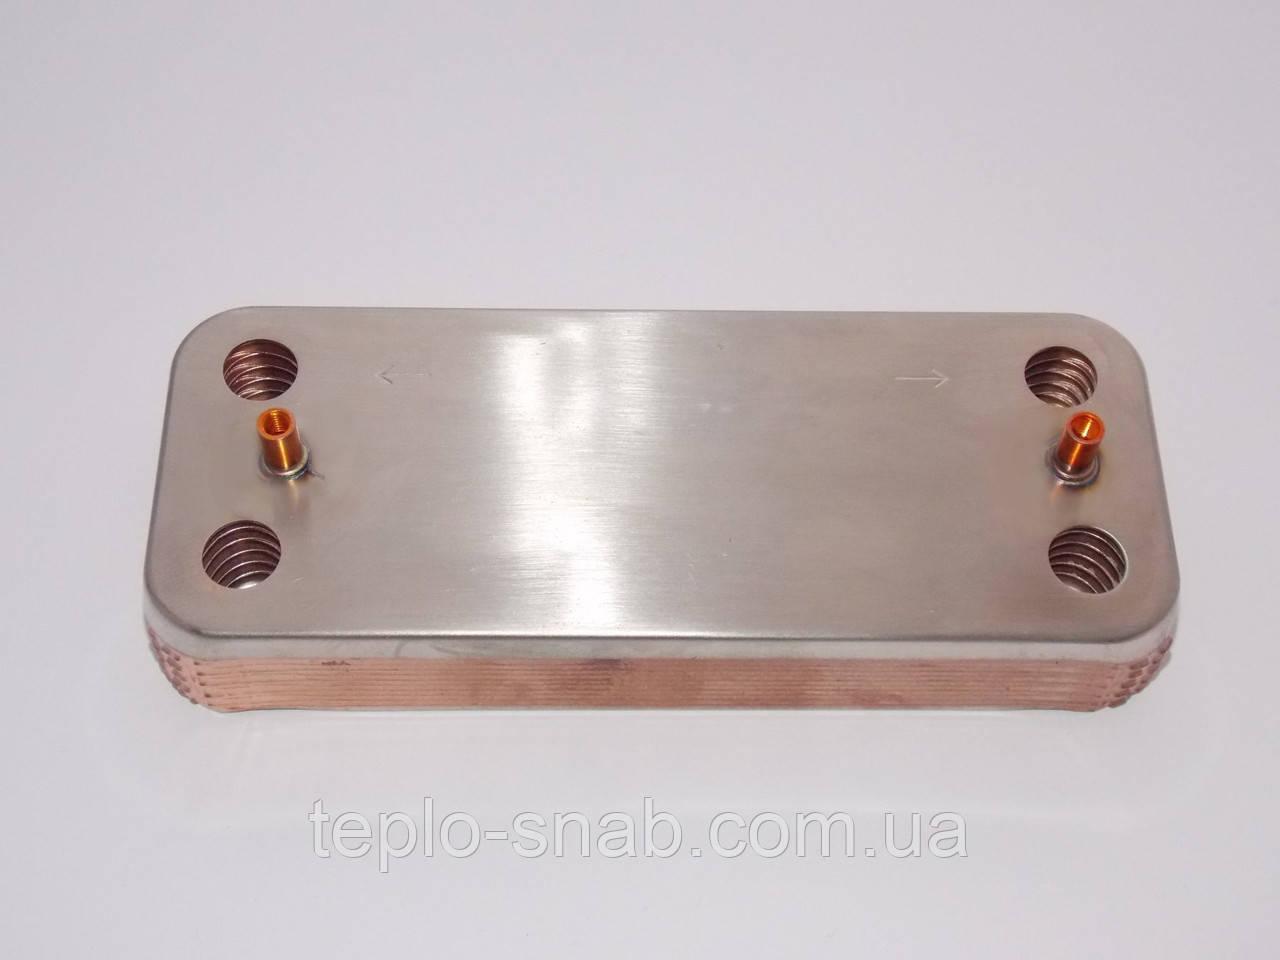 Теплообменник вторичный газого котла Biasi Delta, Inovia, Rinnova 12пл. BI1181122